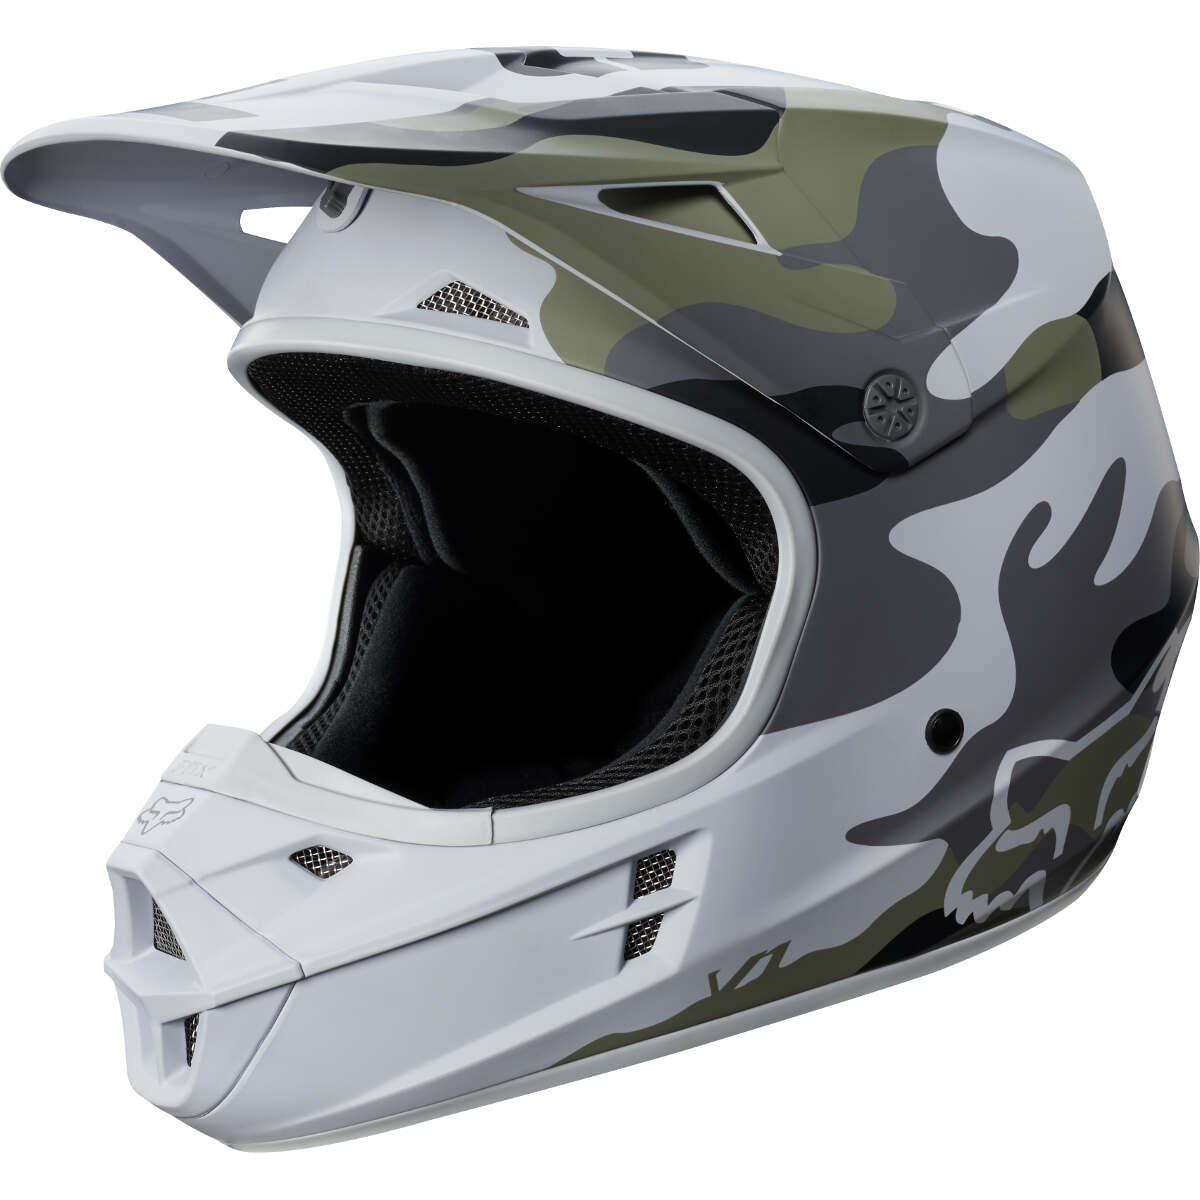 Fox Helm V1 Camo - Special Edition San Diego